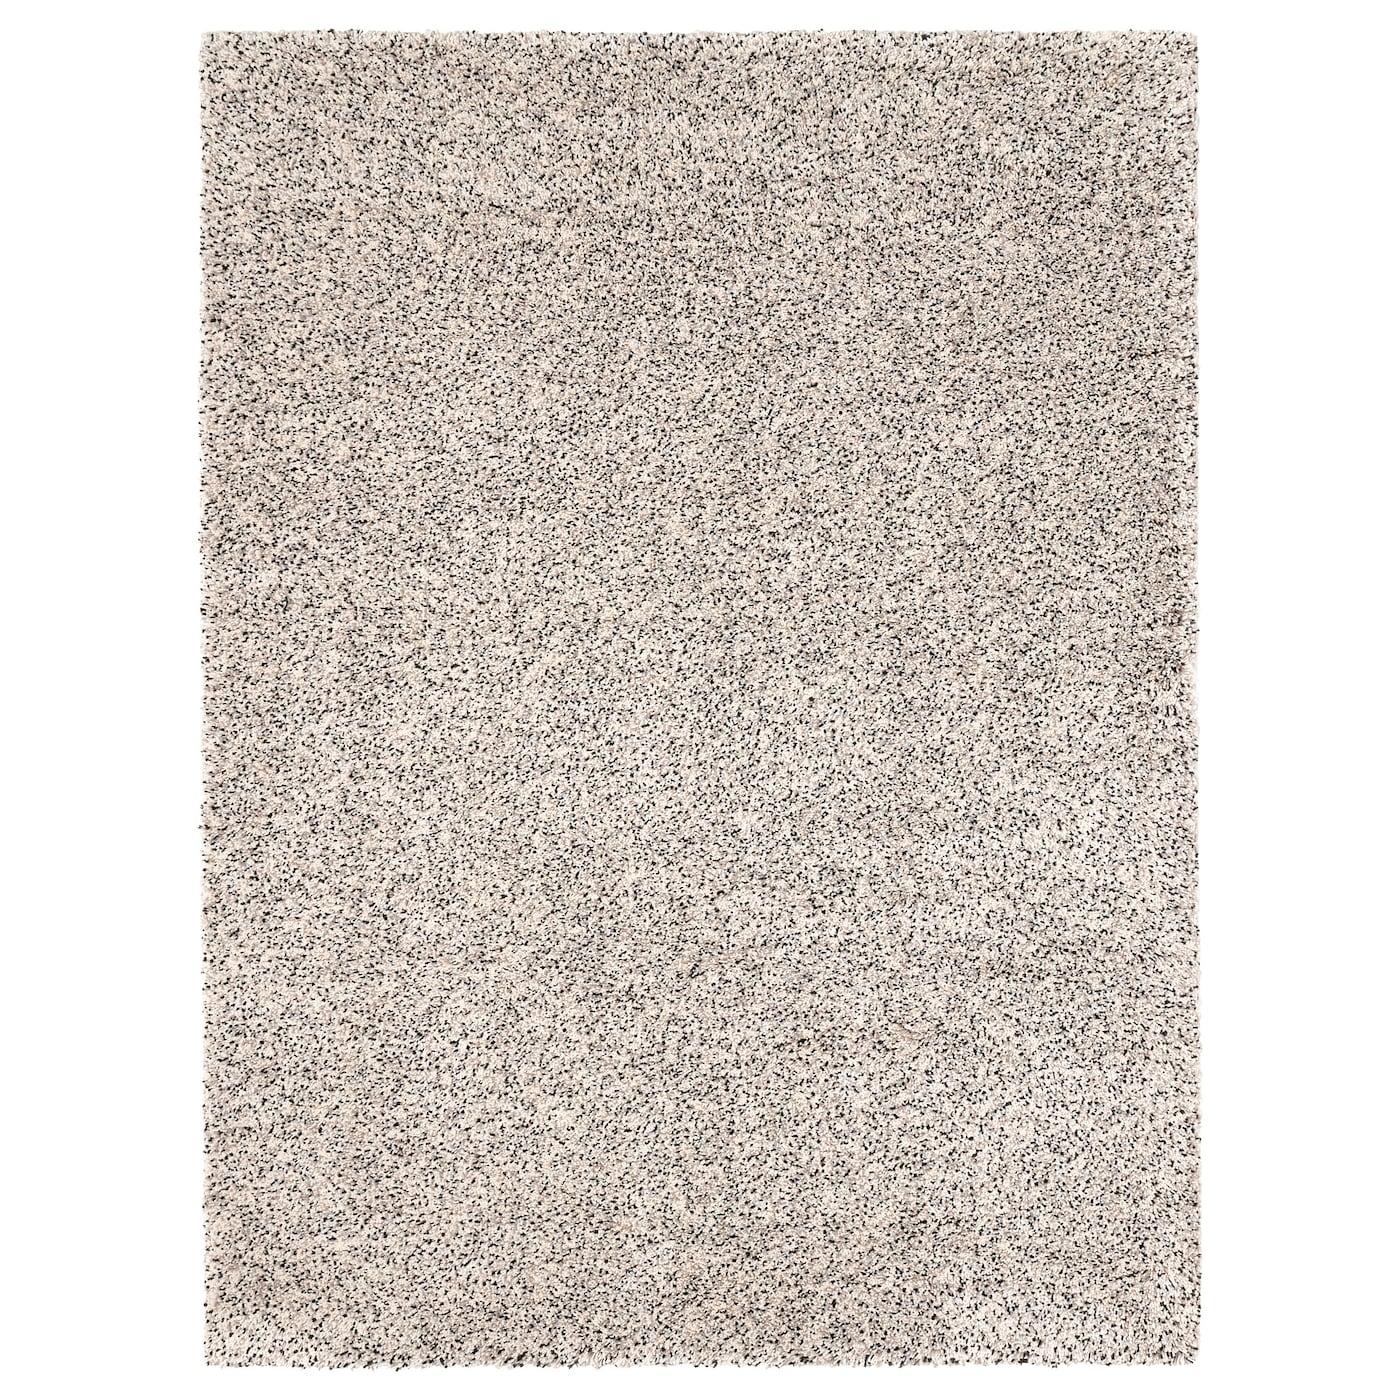 Karo Patchwork Teppich anthrazit grau Velours umkettelt 340x400 cm Teppichboden